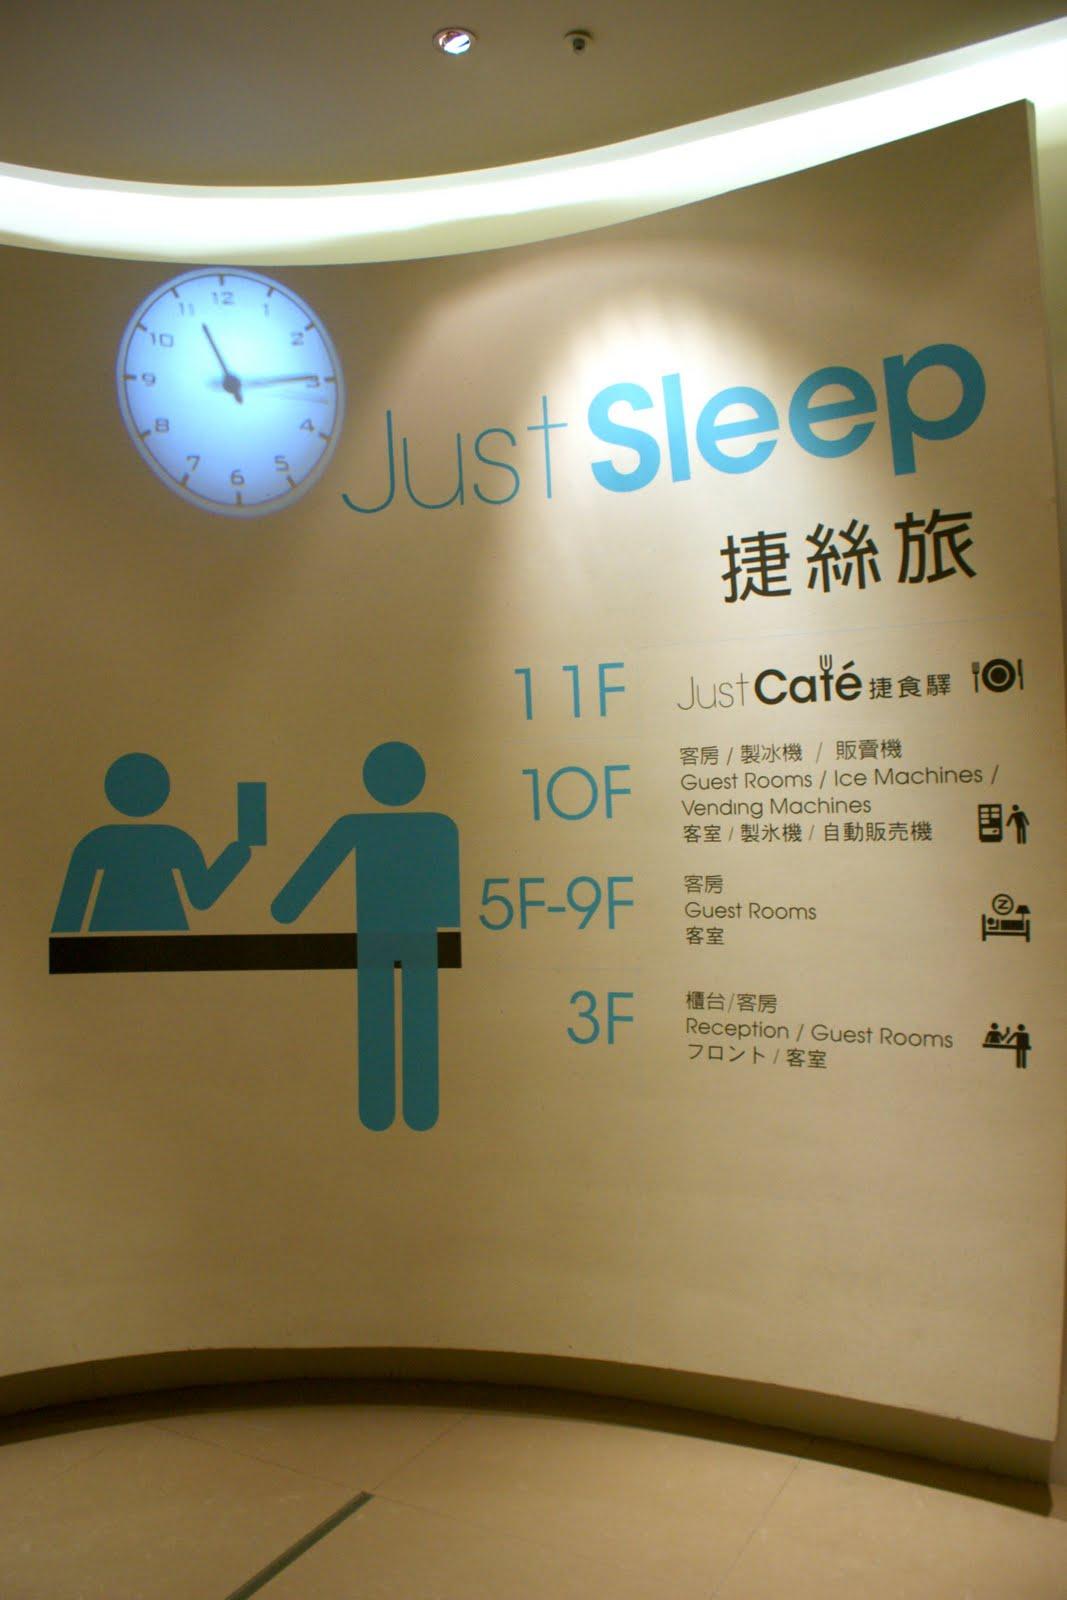 王祚森の森品堂: 品寢殿: 臺北 Just Sleep 捷絲旅之林森館